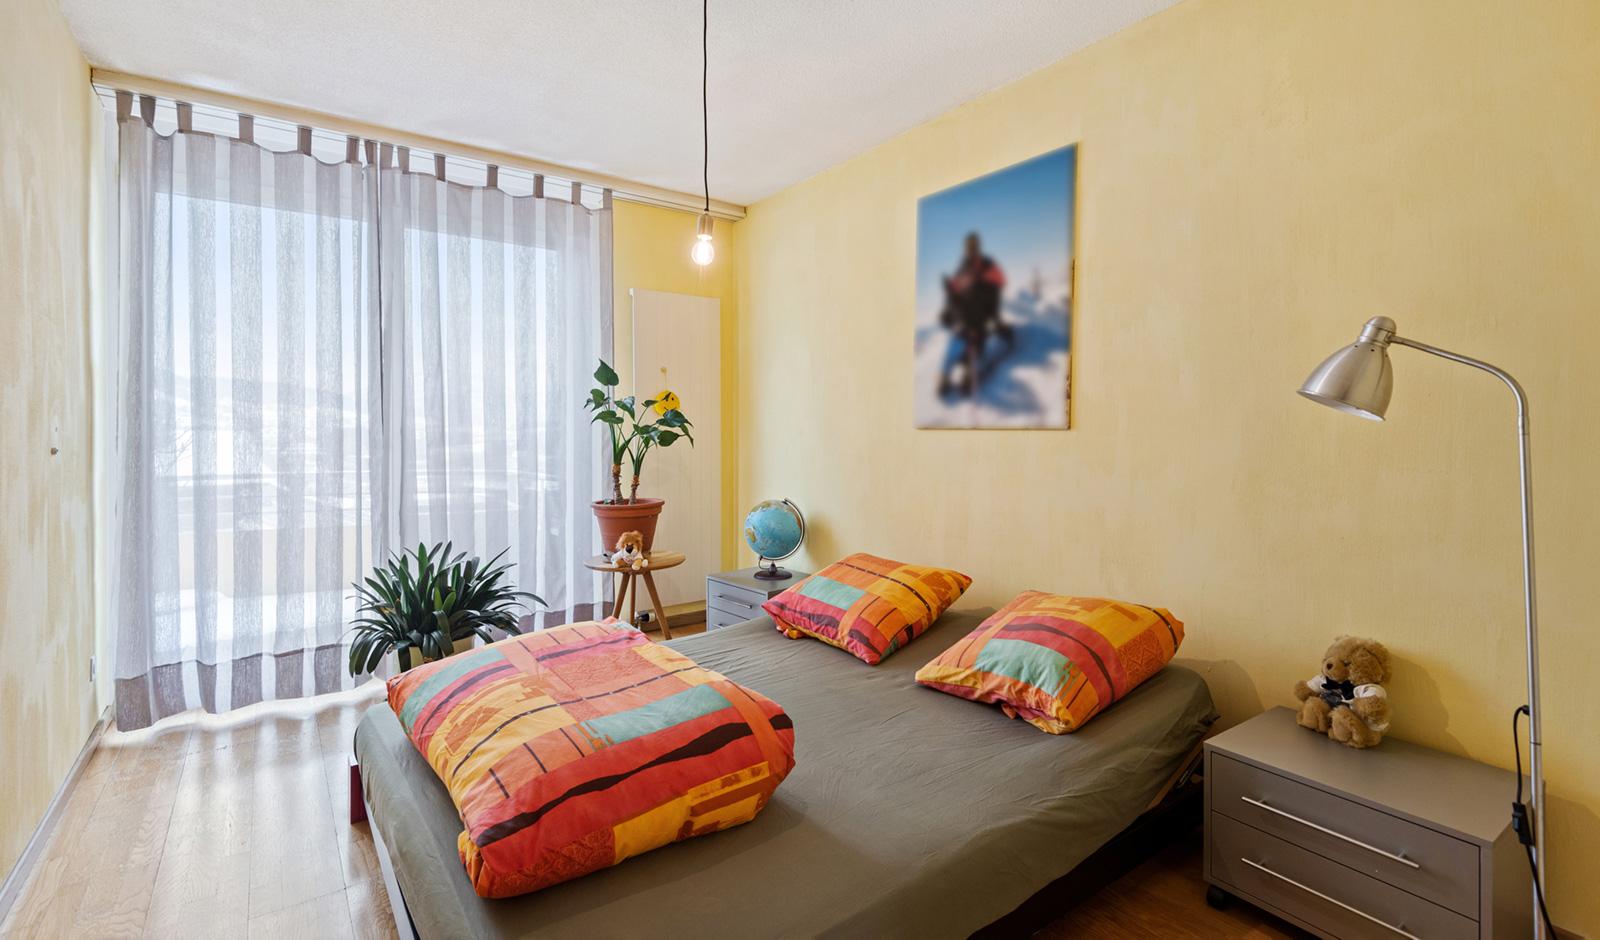 Mein neues Zuhause – zwischen Luzern und Zug